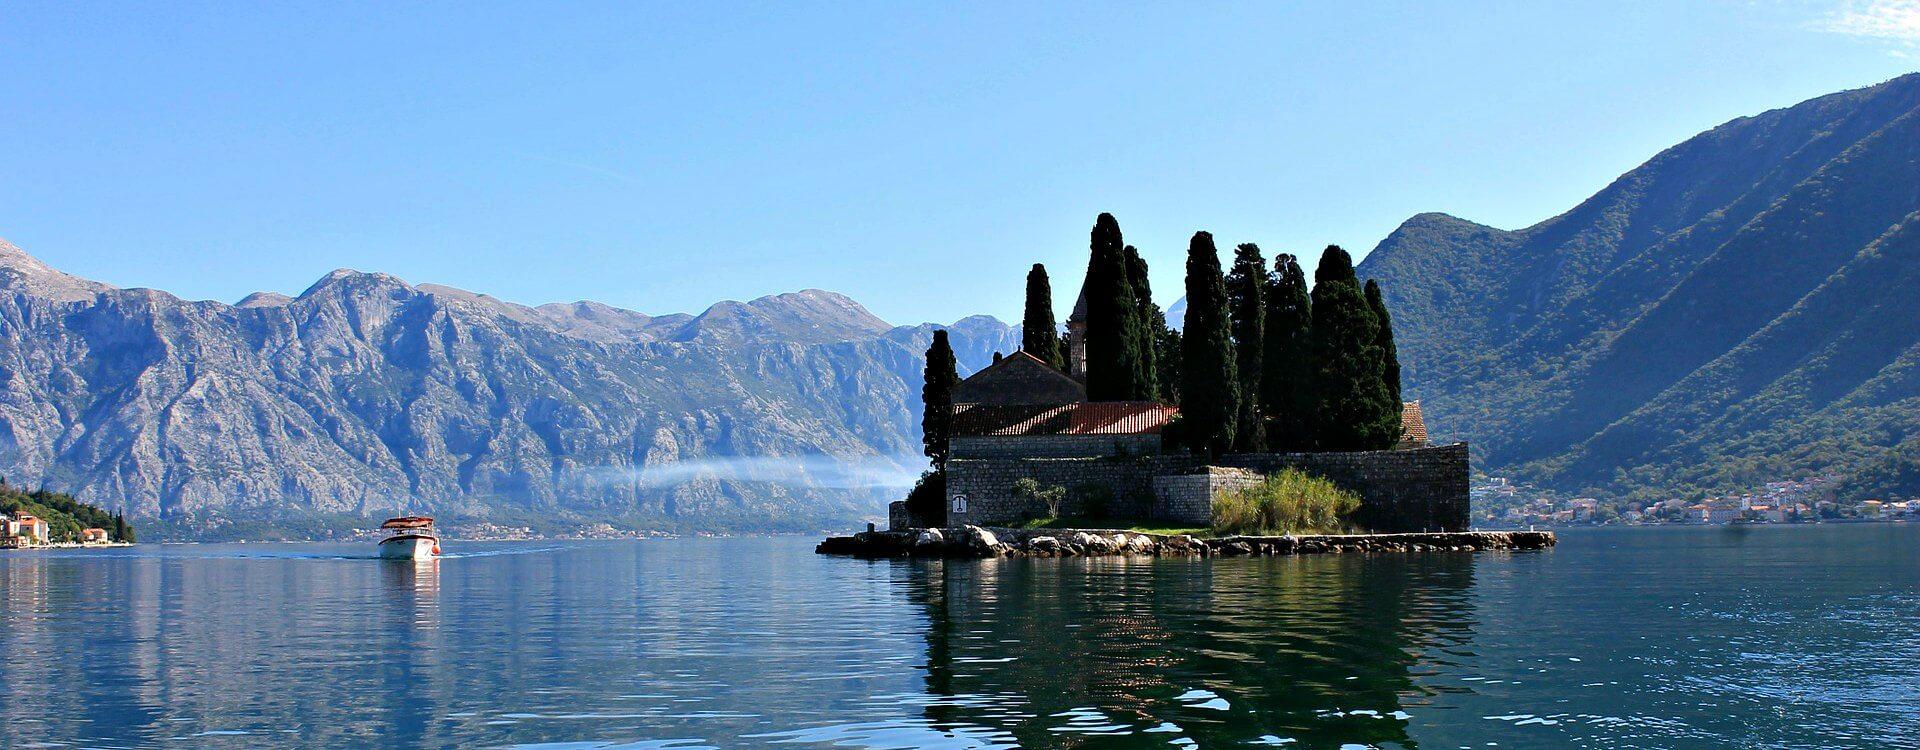 Crna Gora, letovanje Crna Gora, Boka Kotorska, Budvanska rivijera, Barska rivijera, Ulcinjska rivijera